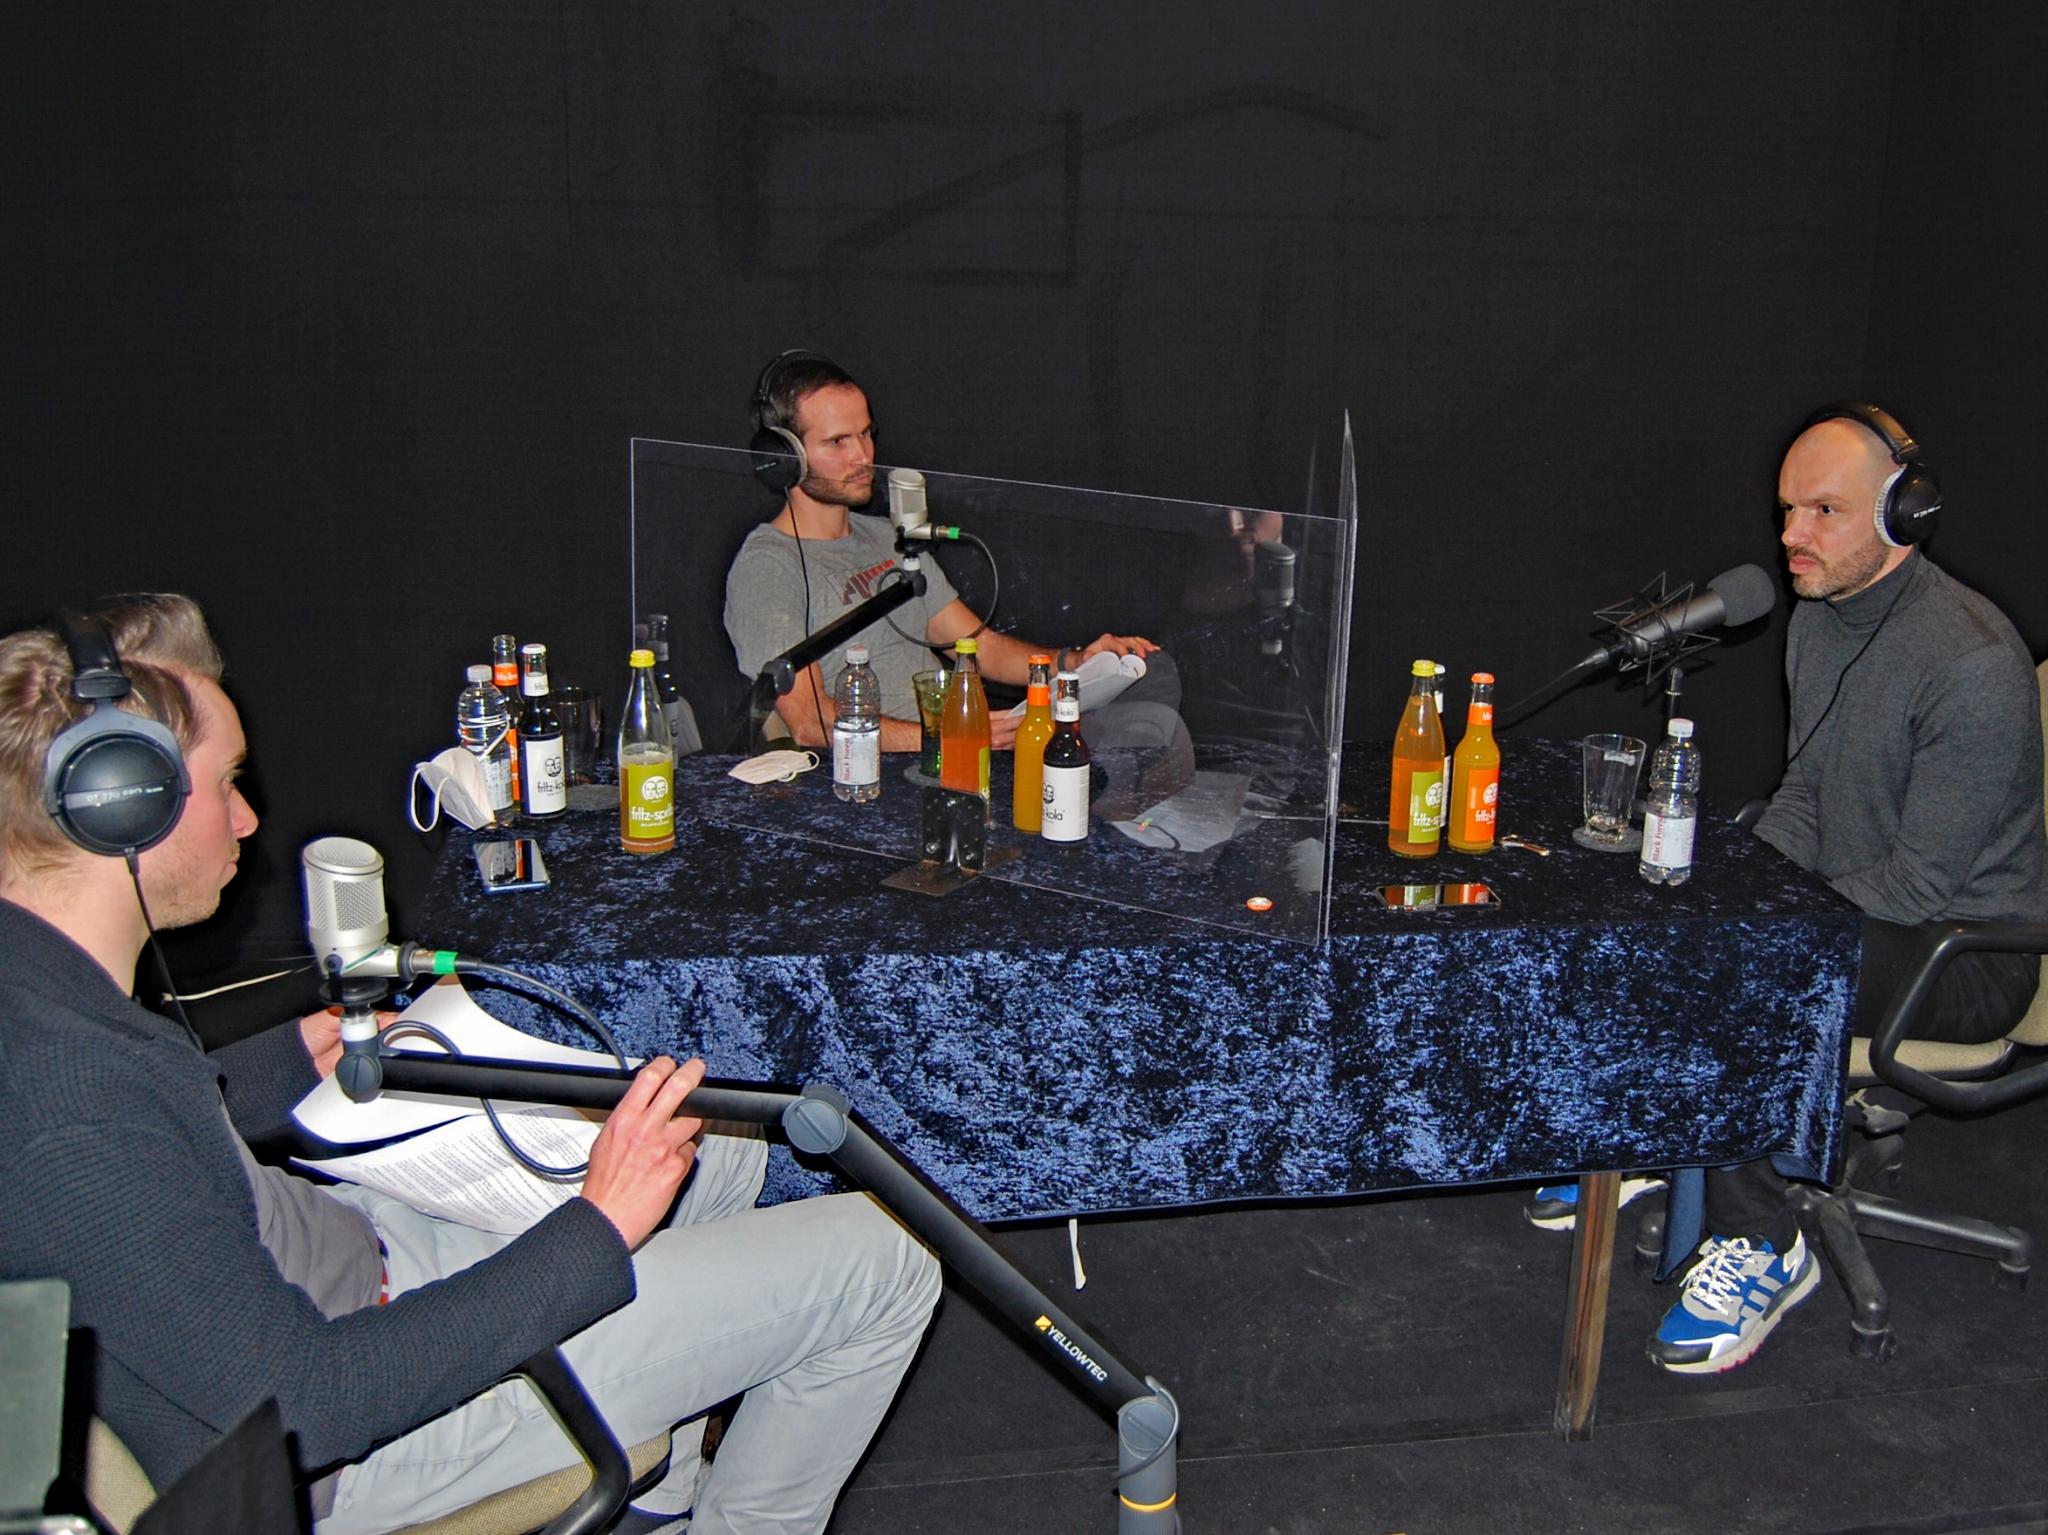 Interview mit Heiko Westermann. v.l.n.r. Sebastian Leisgang, William Vielwerth und Heiko Westermann. Foto: Immer die 3.